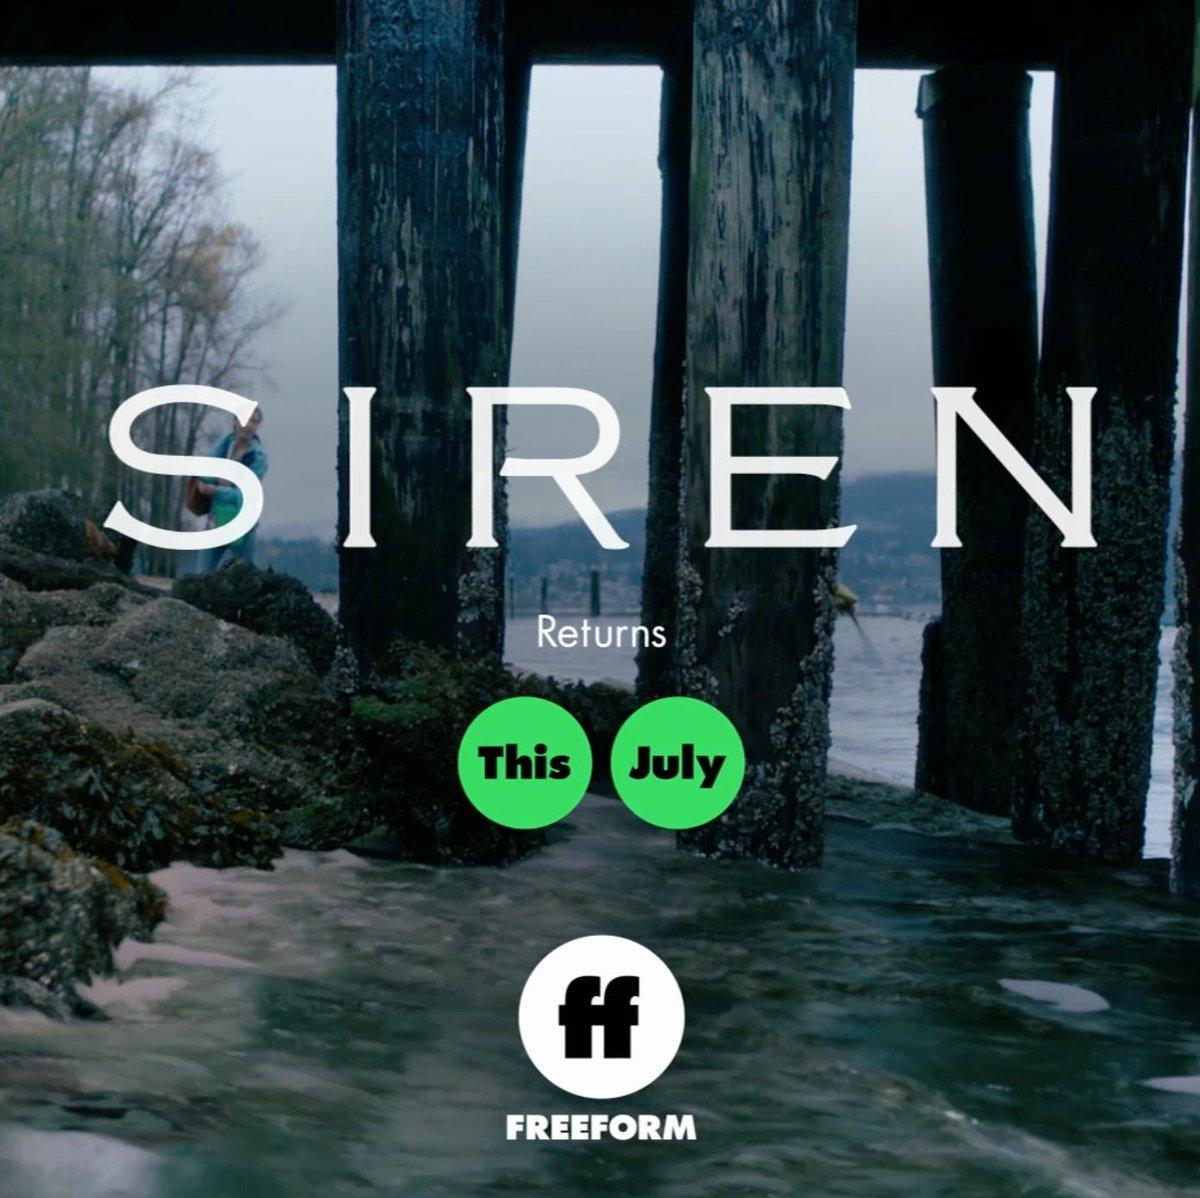 Siren's photo on #Siren